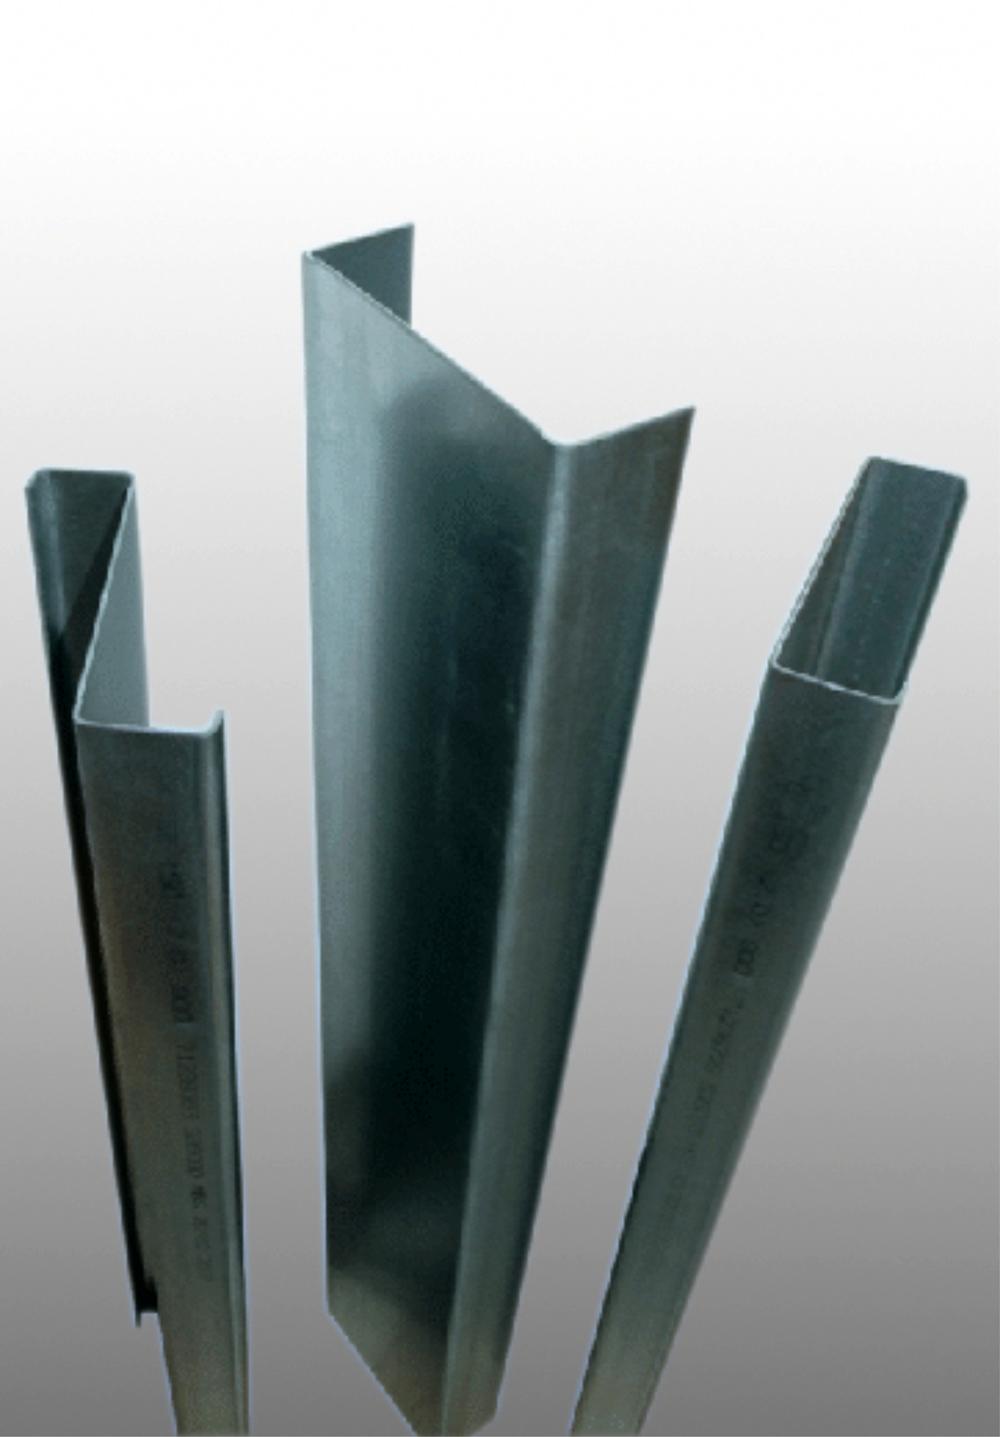 Profile zincate pentru constructii PROINVEST - Poza 1